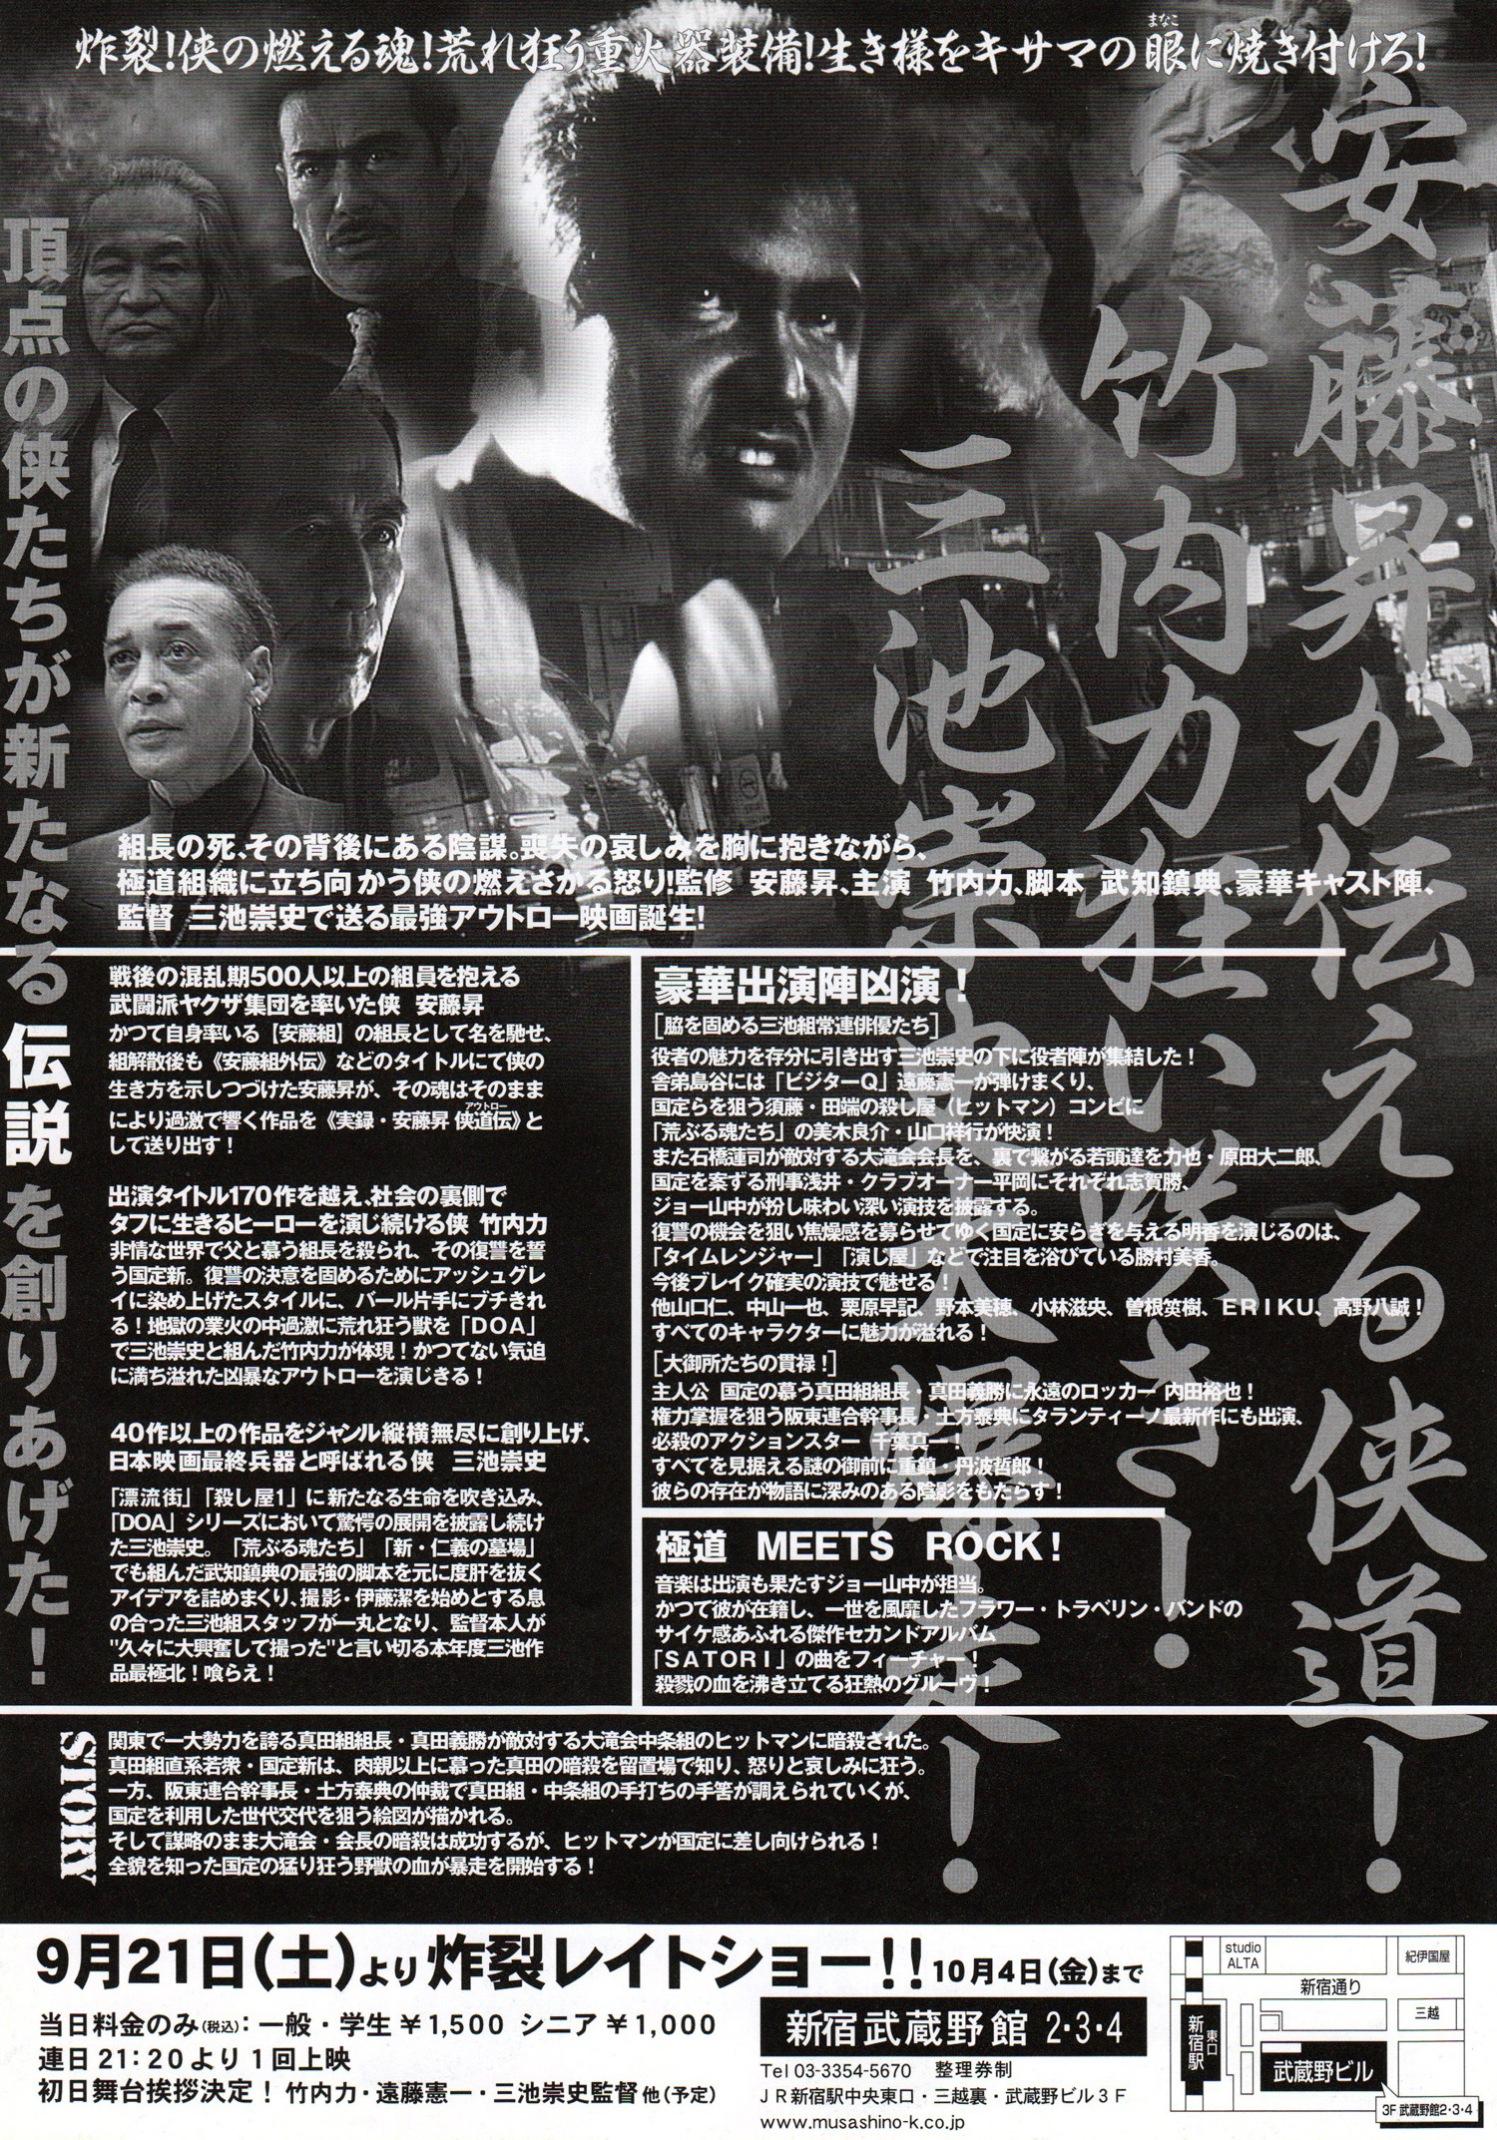 deadlyoutlawrekka-japan-2